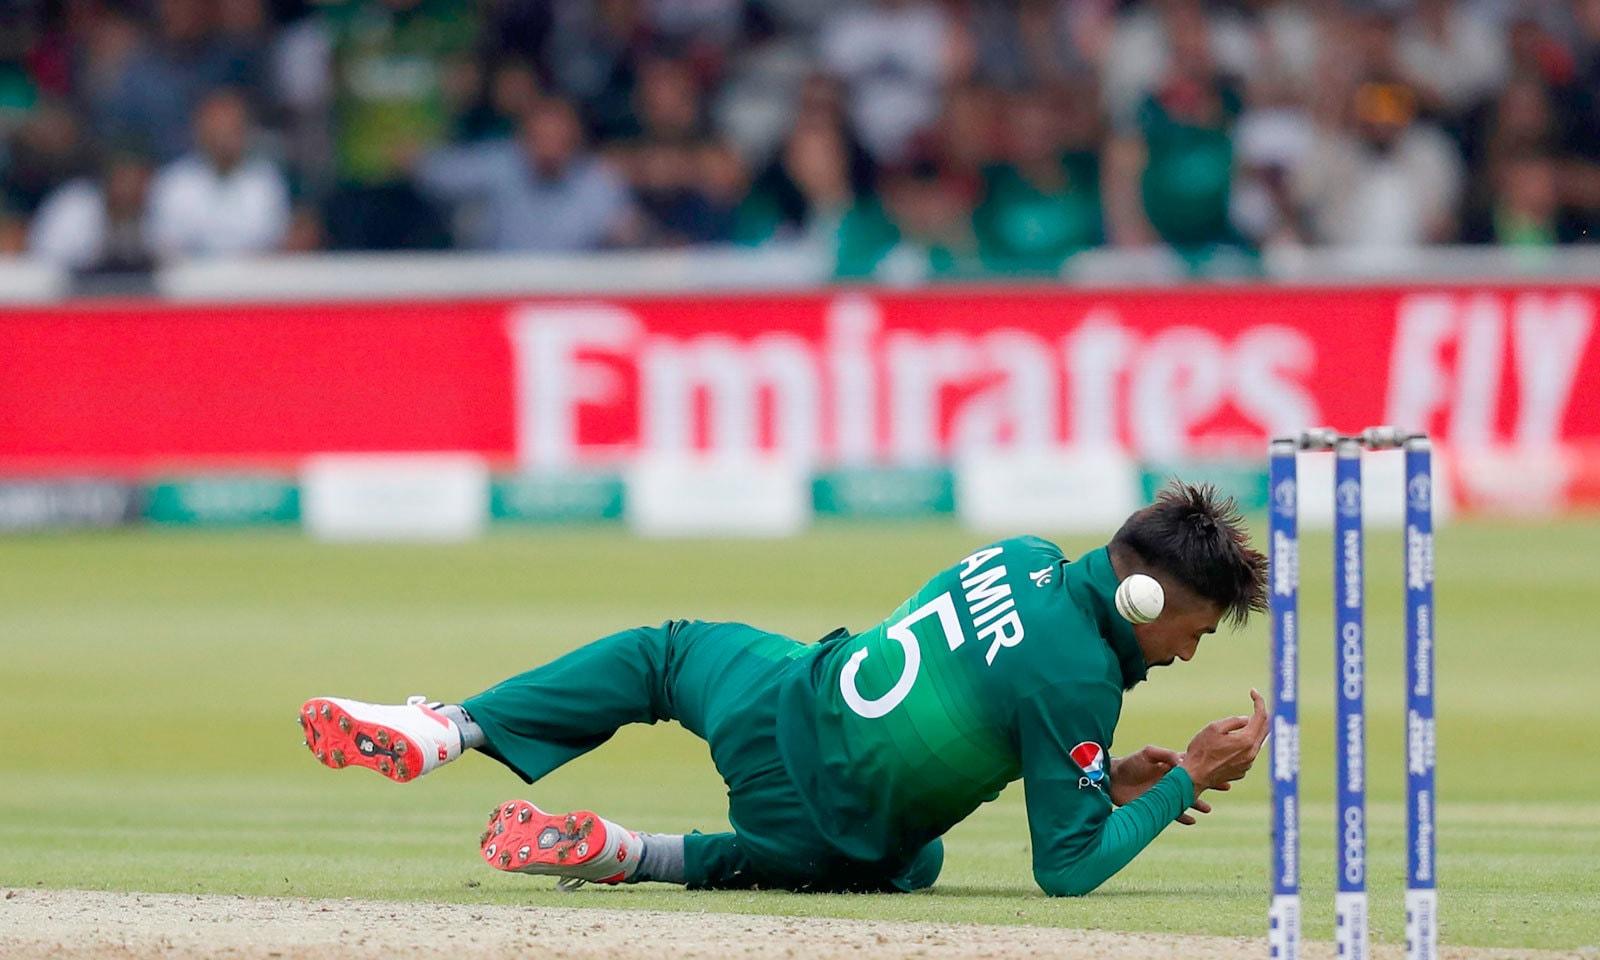 محمد عامر اپنی ہی گیند پر کیچ ڈراپ کرتے ہوئے، انہوں نے میچ میں مجموعی طور پر 3 کیچ چھوڑے— فوٹو: رائٹرز